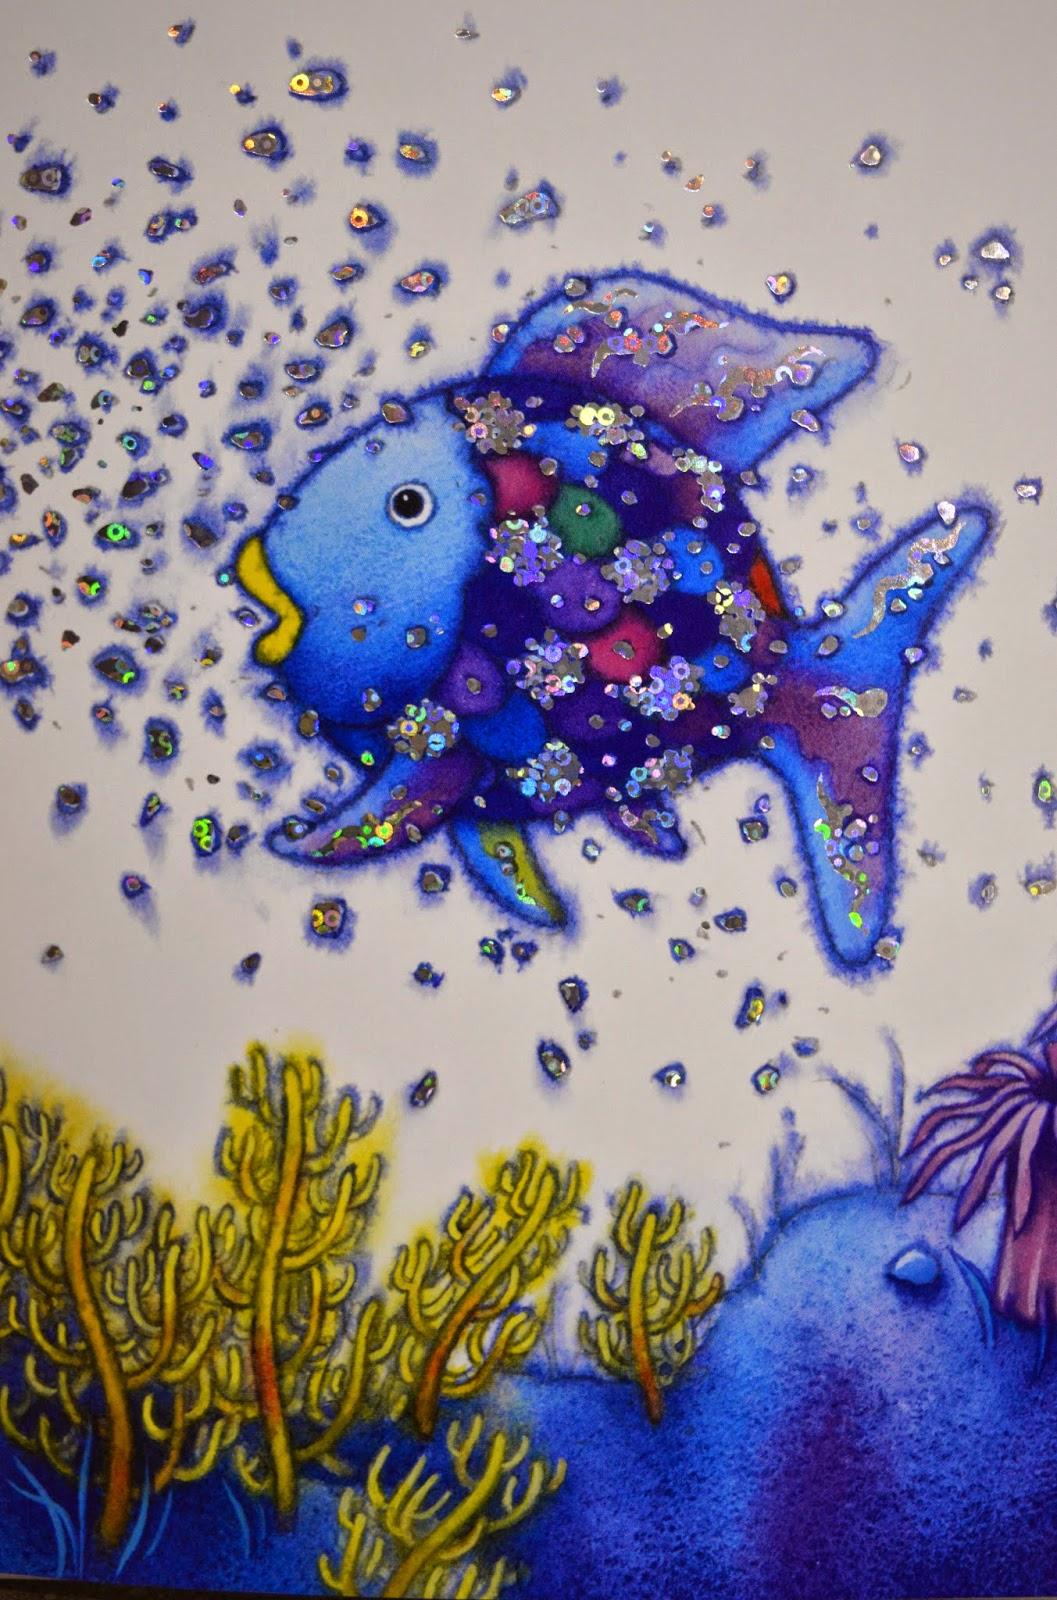 Libri arcobaleno e gli abissi marini m pfister for Disegni pesciolino arcobaleno